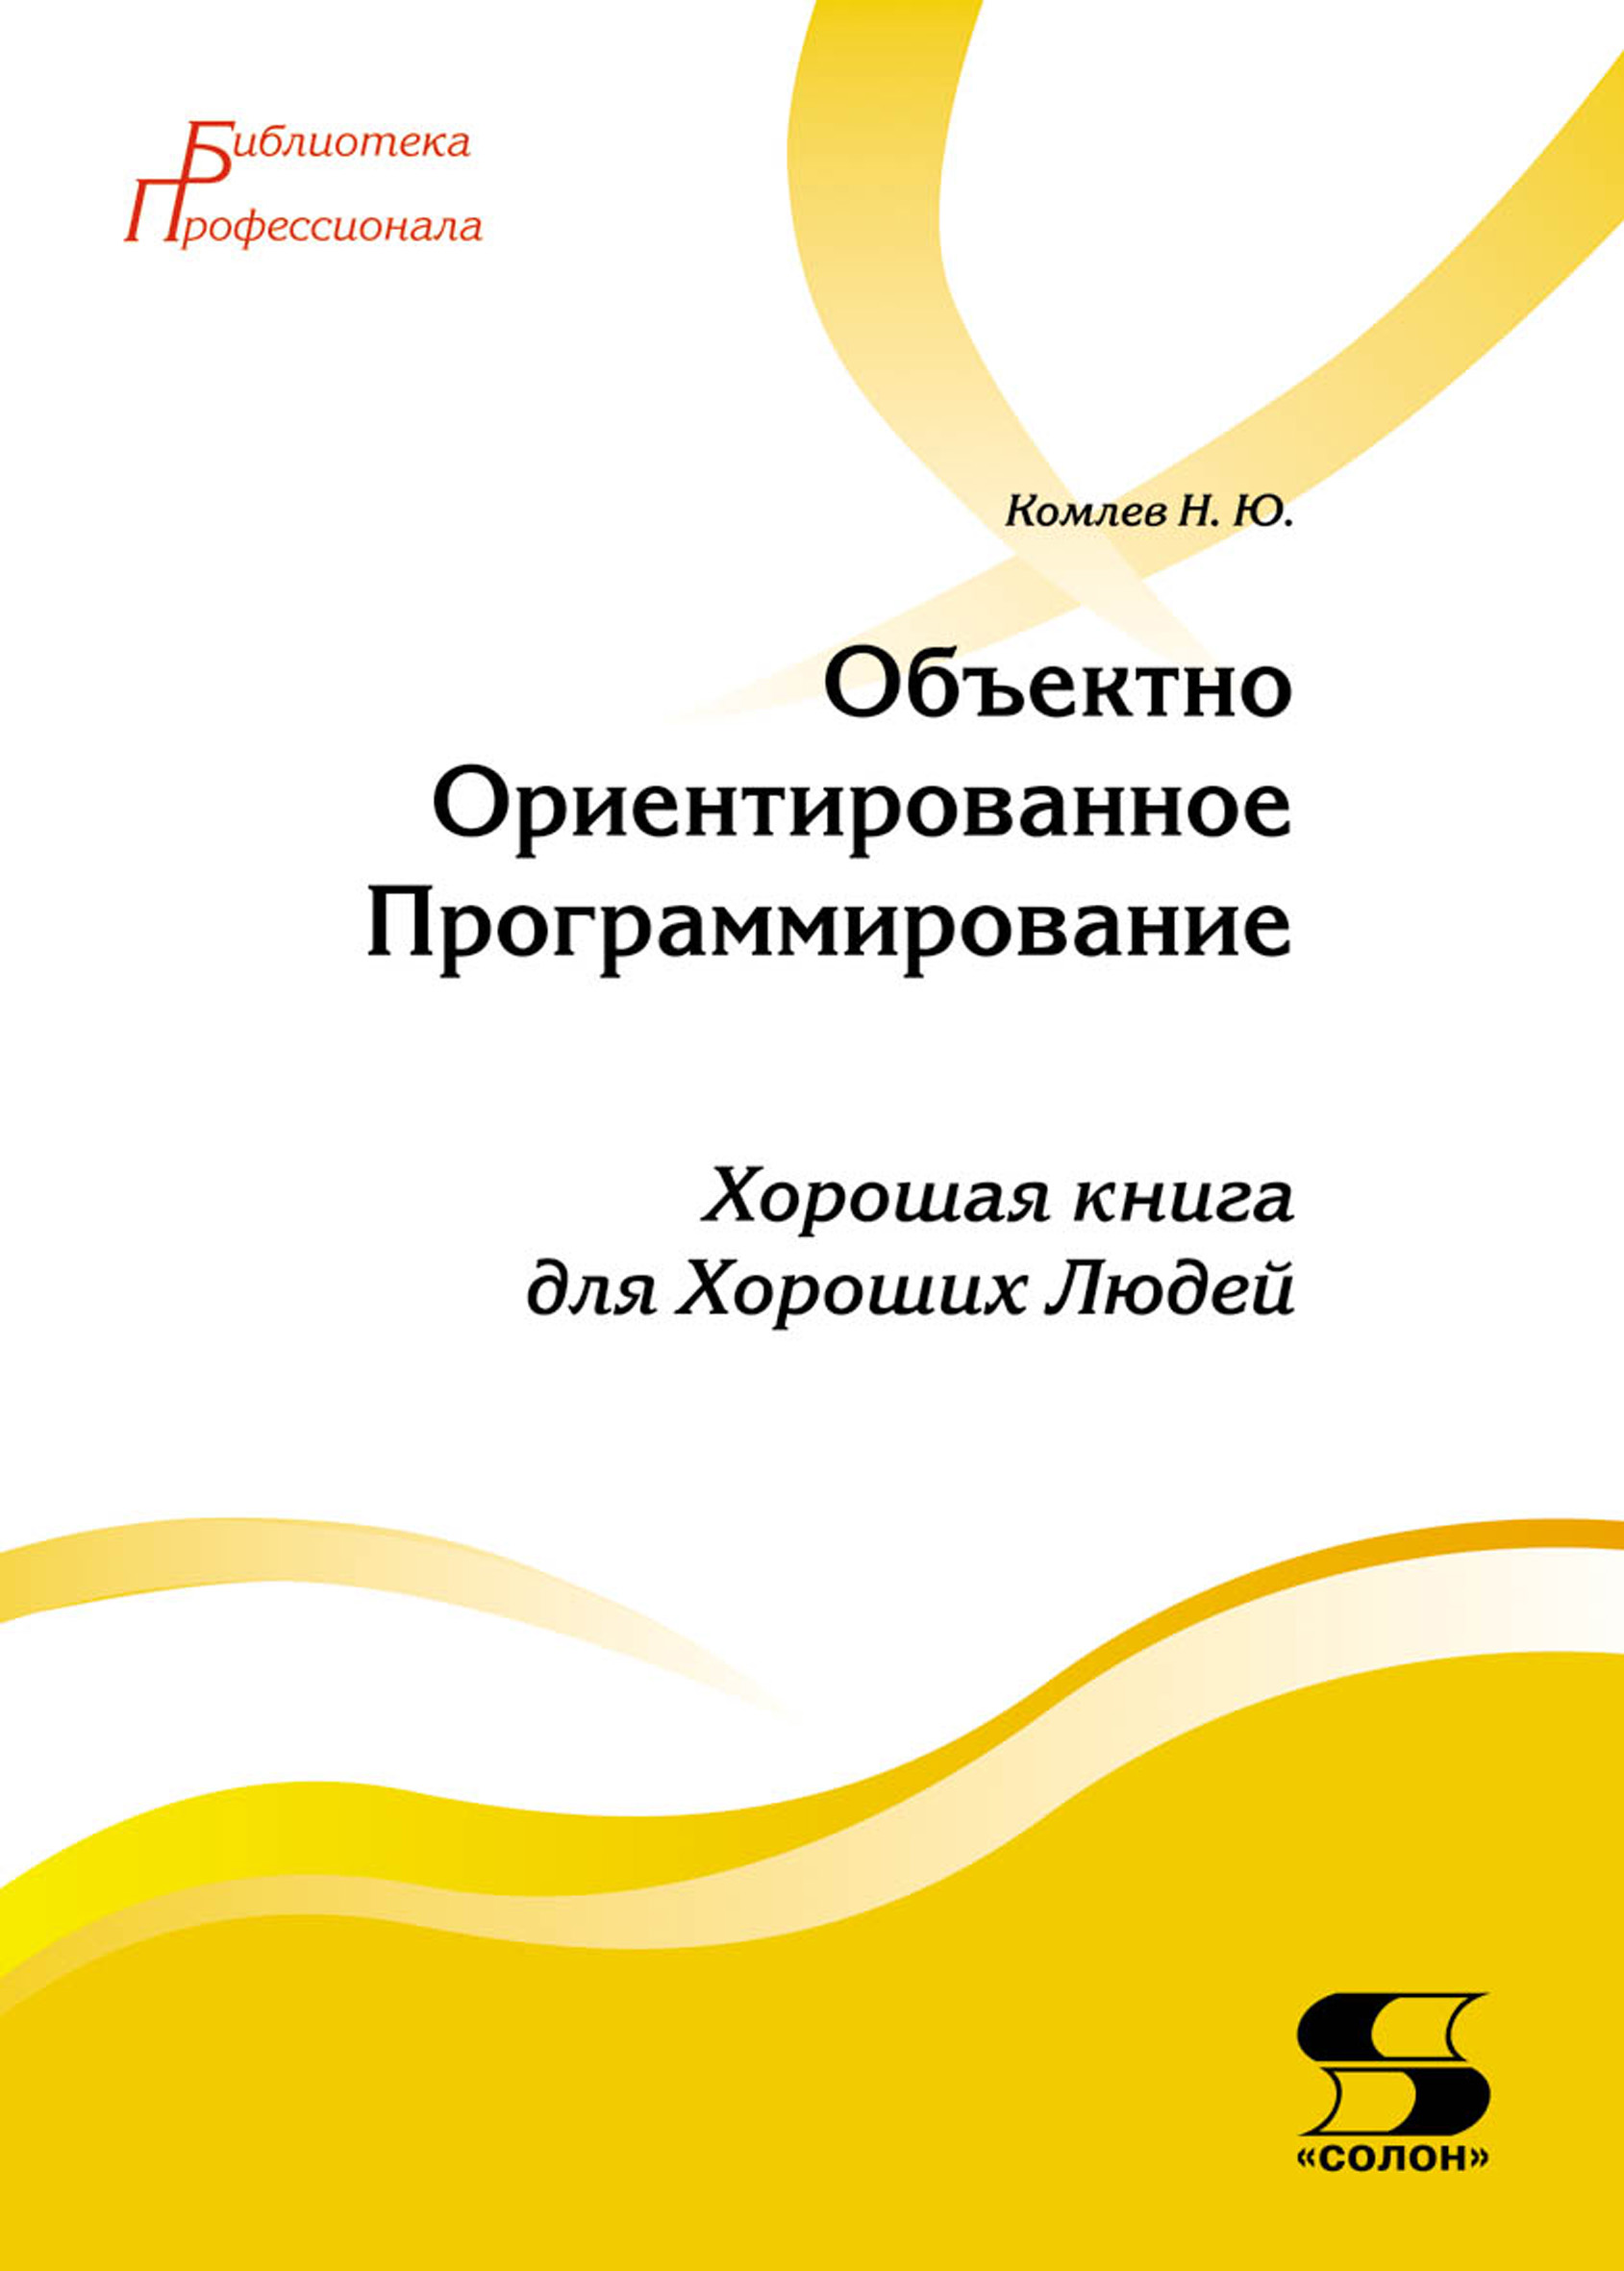 Н. Ю. Комлев Объектно-ориентированное программирование васильев а объектно ориентированное программирование на с